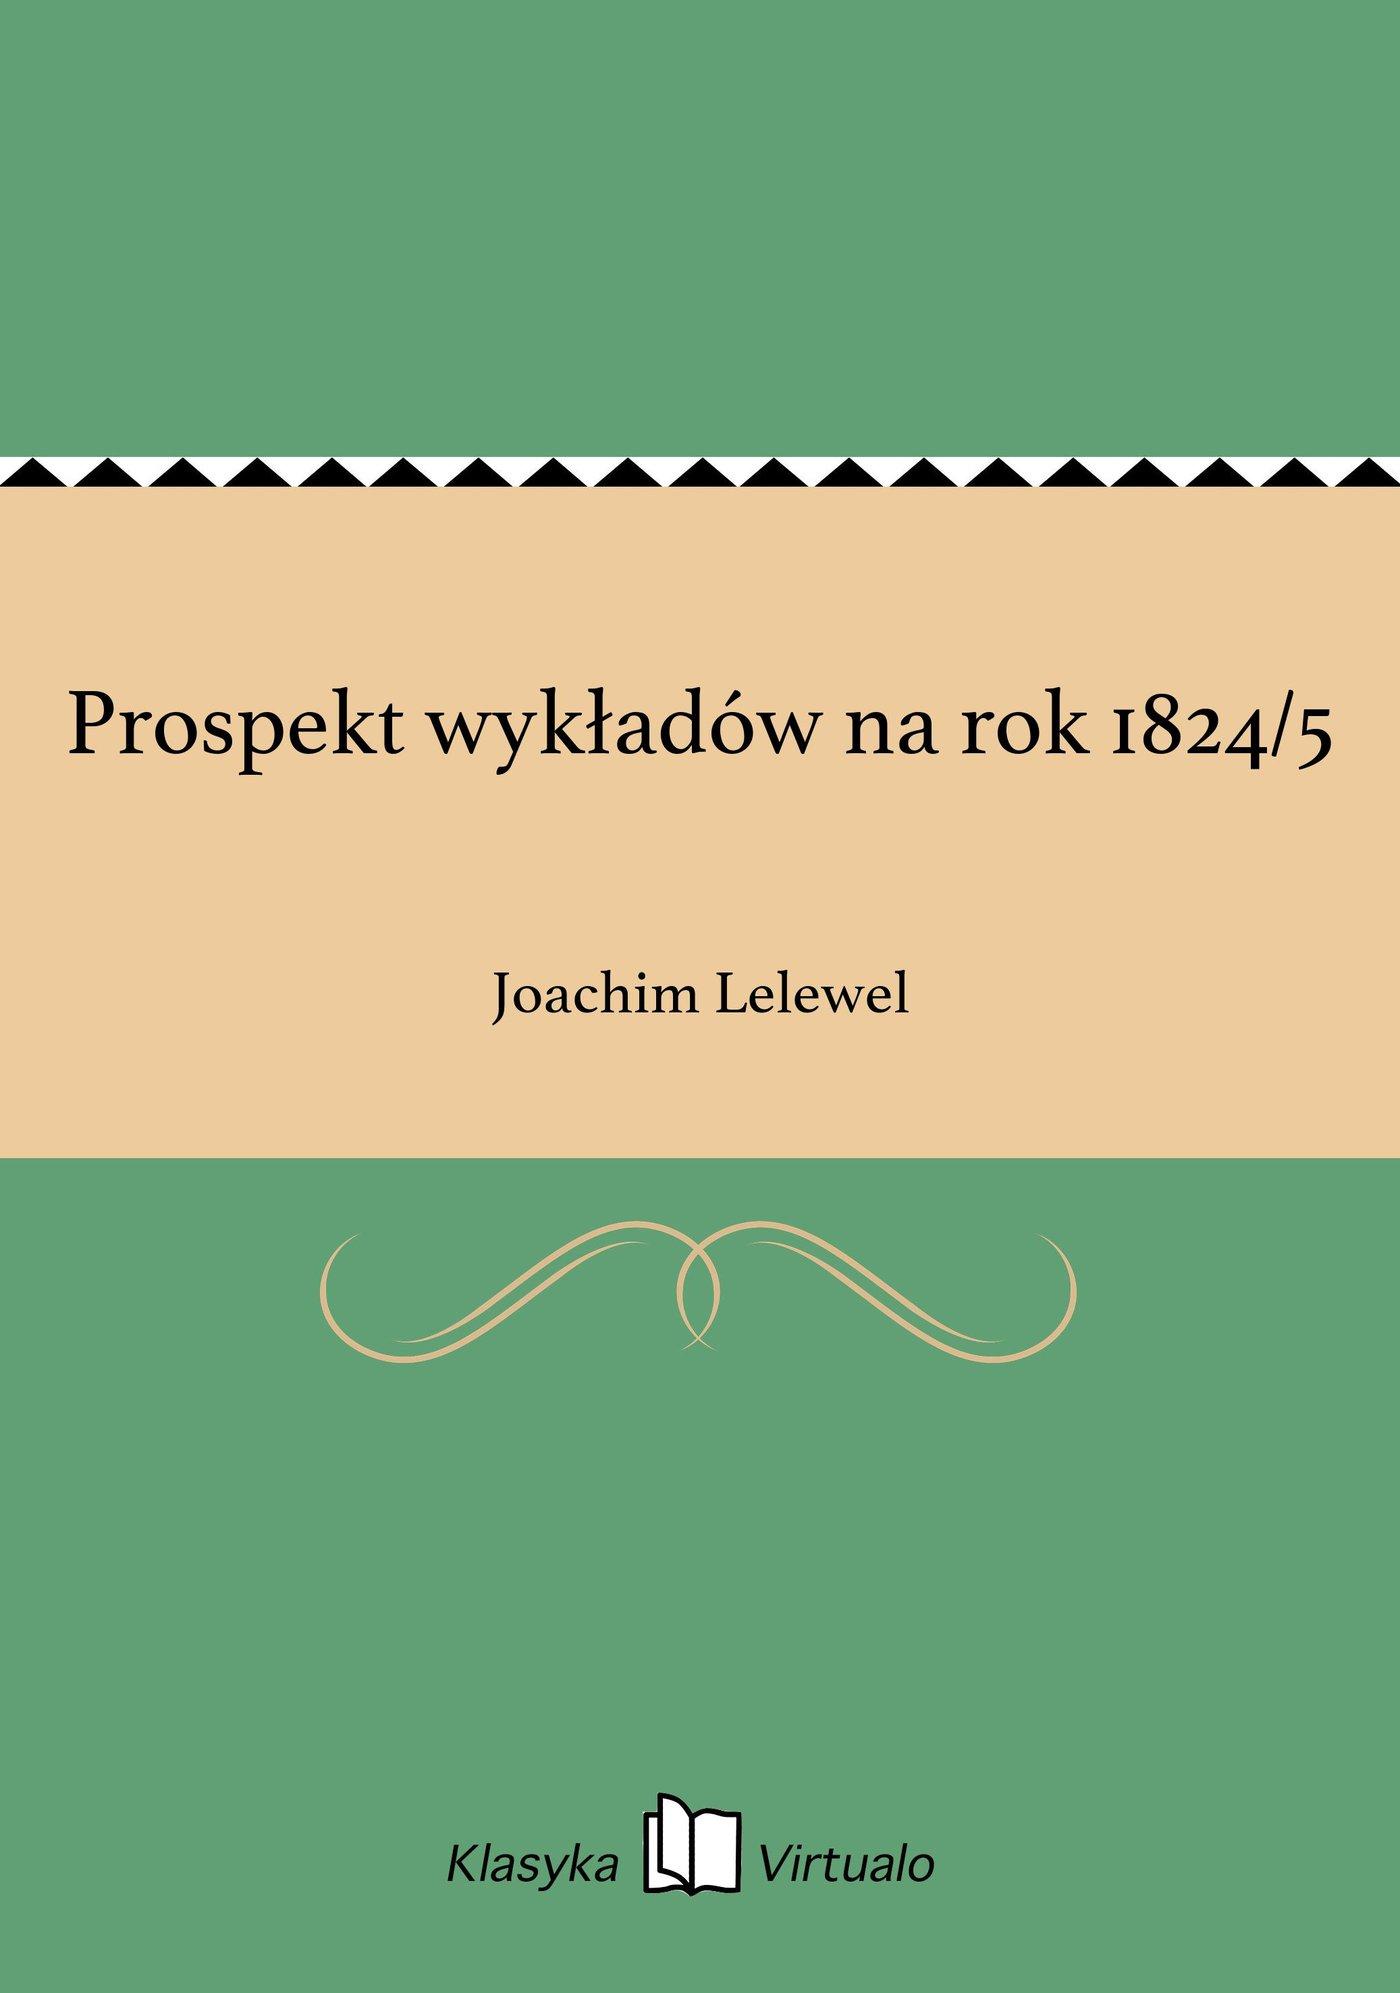 Prospekt wykładów na rok 1824/5 - Ebook (Książka EPUB) do pobrania w formacie EPUB